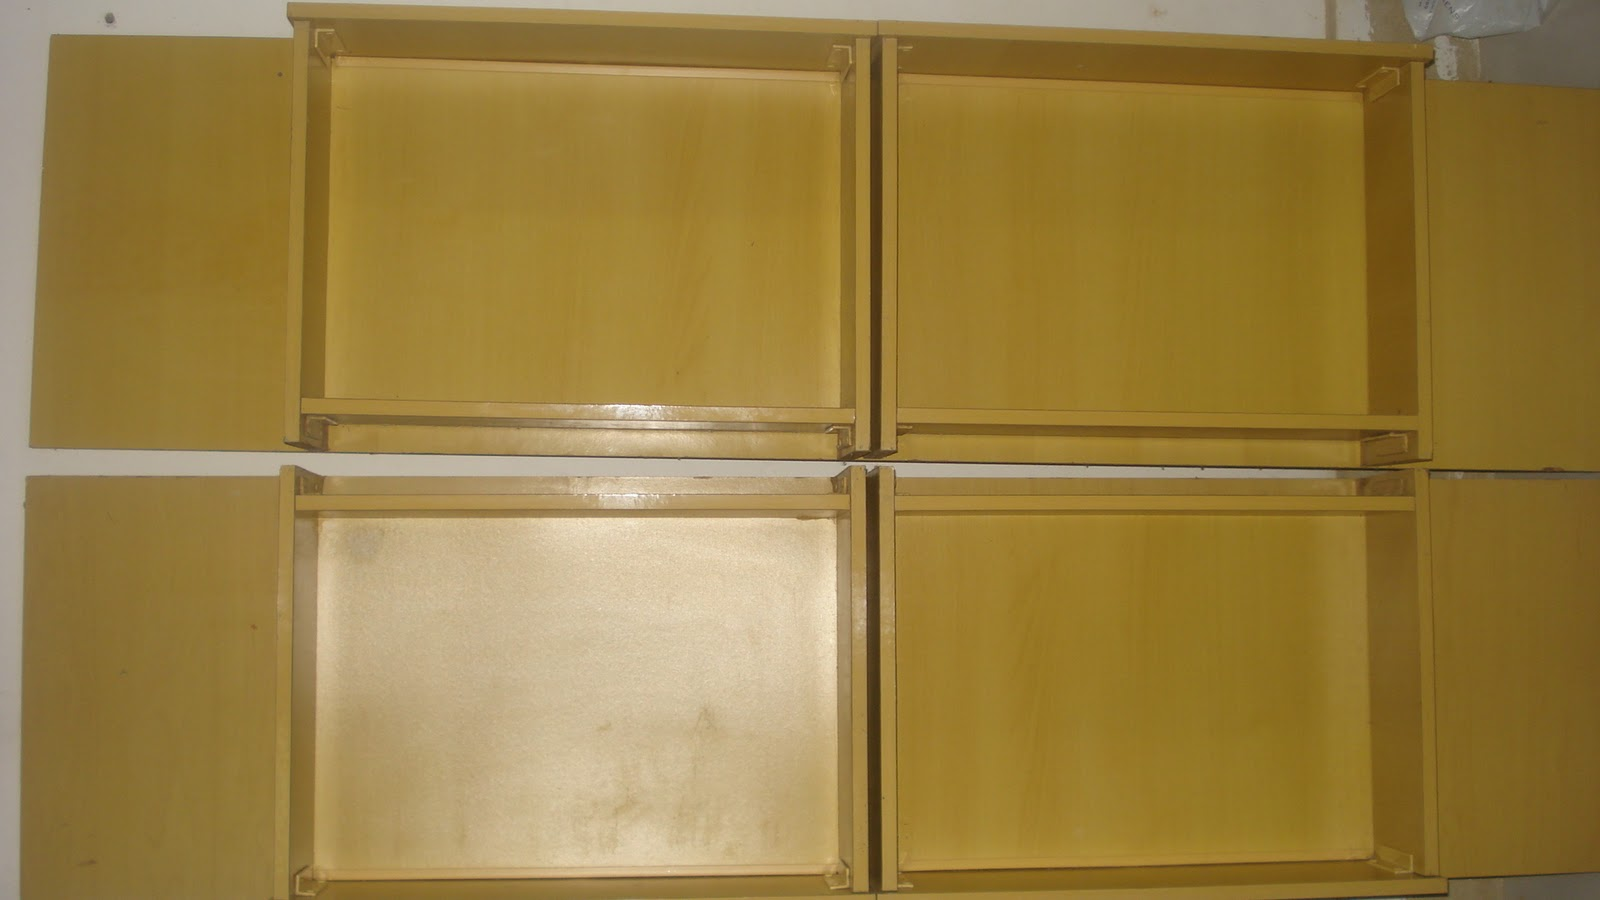 de quatro gavetas e duas peças de madeira compensado ou MDF  #6B4E1A 1600x900